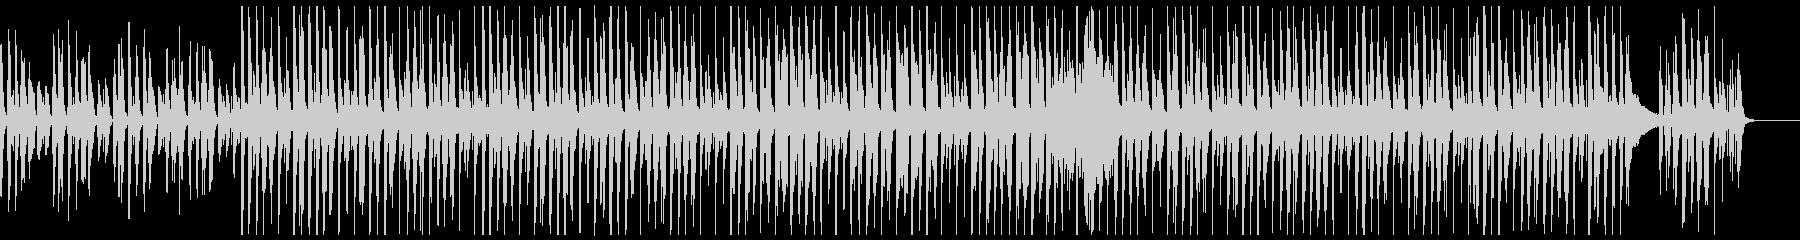 ピアノと口笛のほのぼの可愛いポップスの未再生の波形